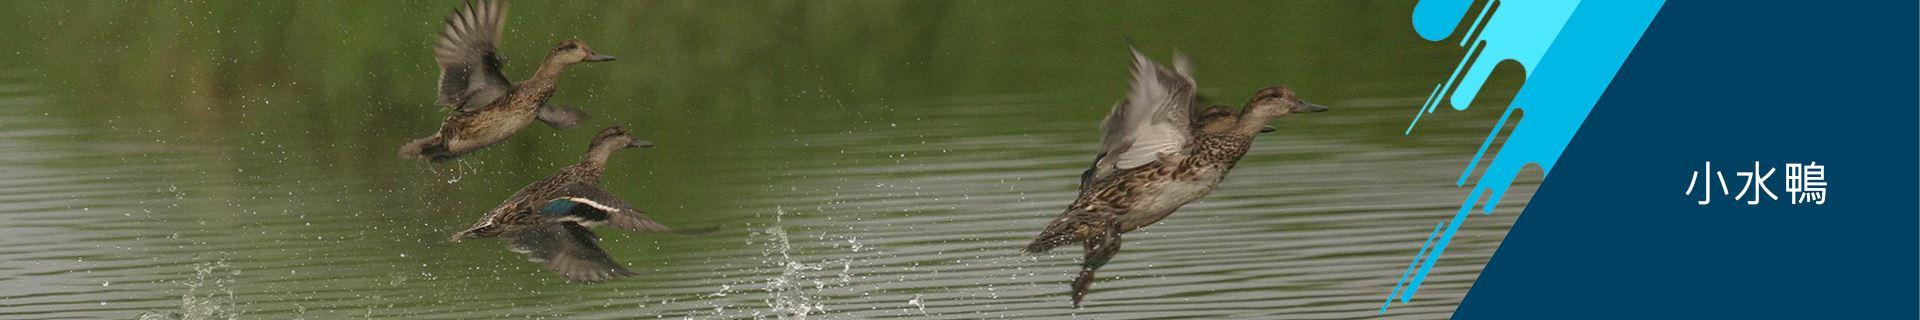 安南區公所-小水鴨